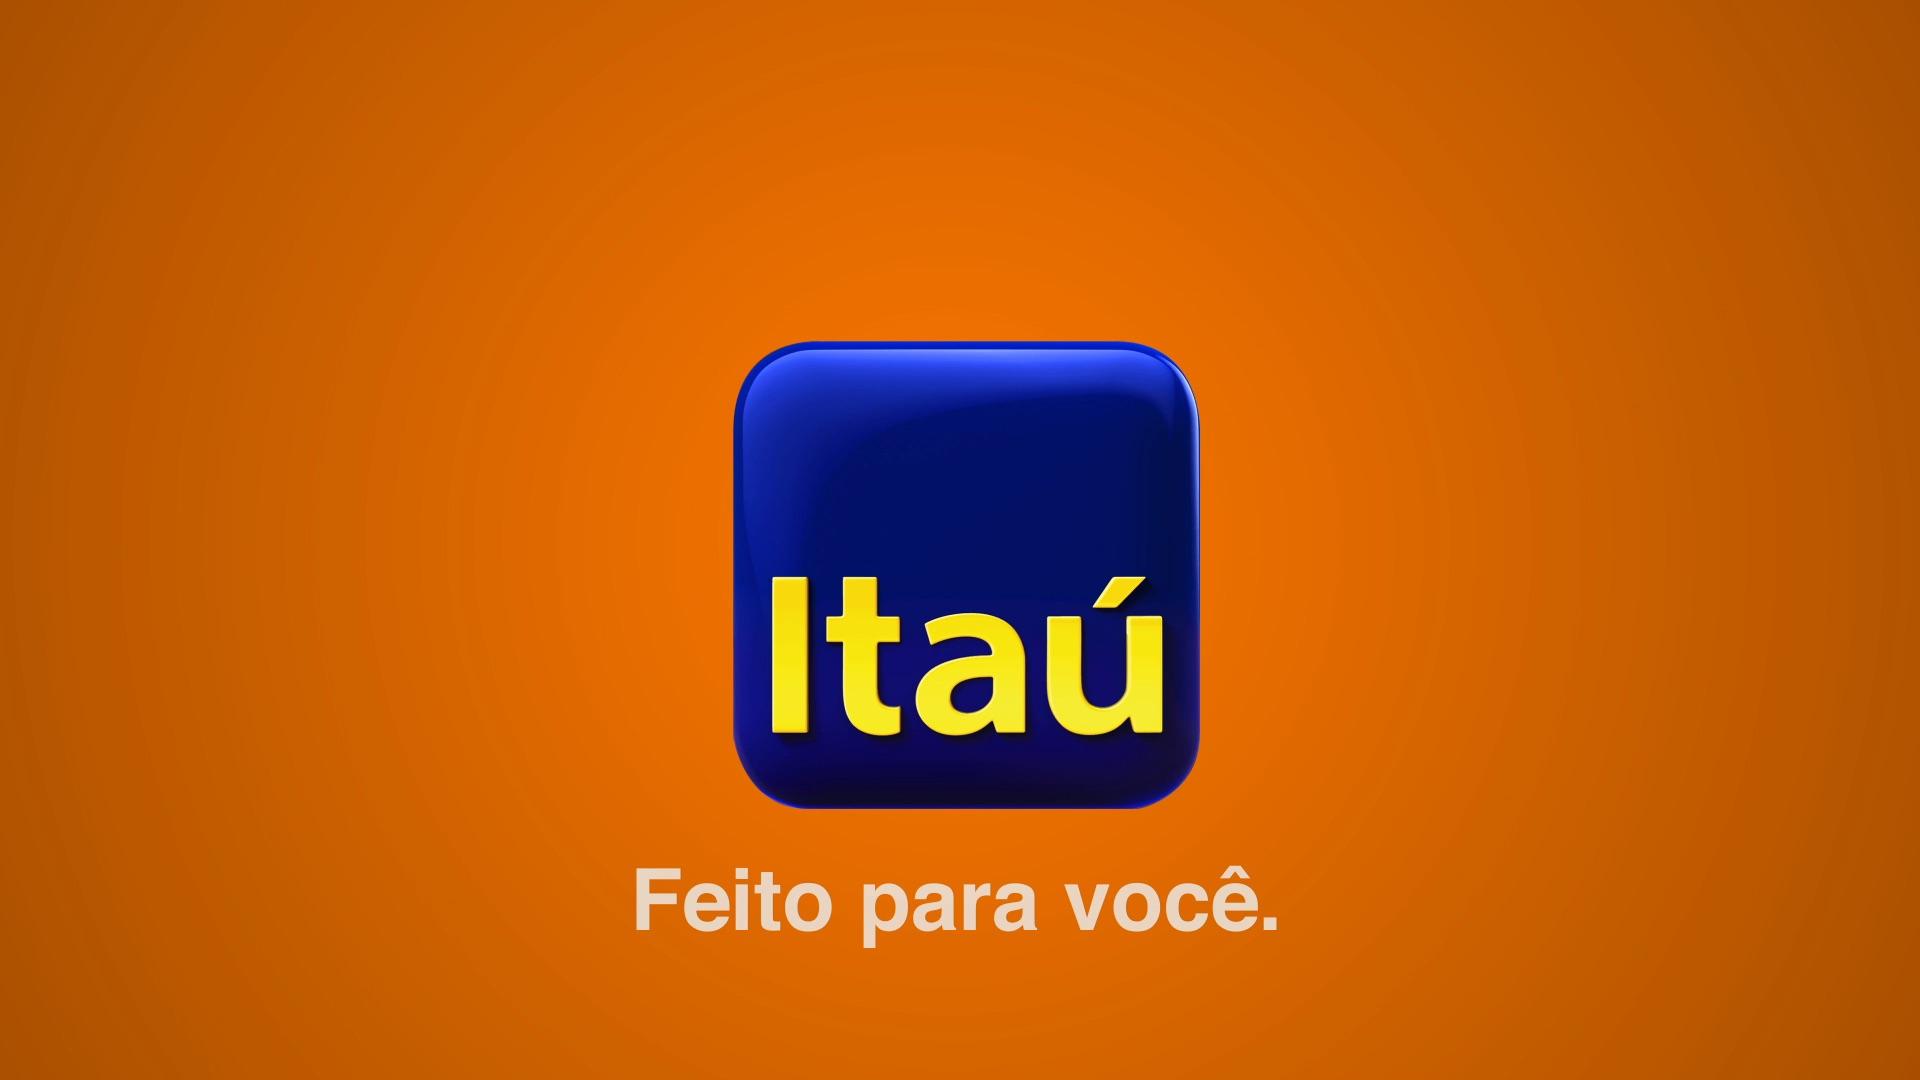 WebsitePic_Itau_04.jpg